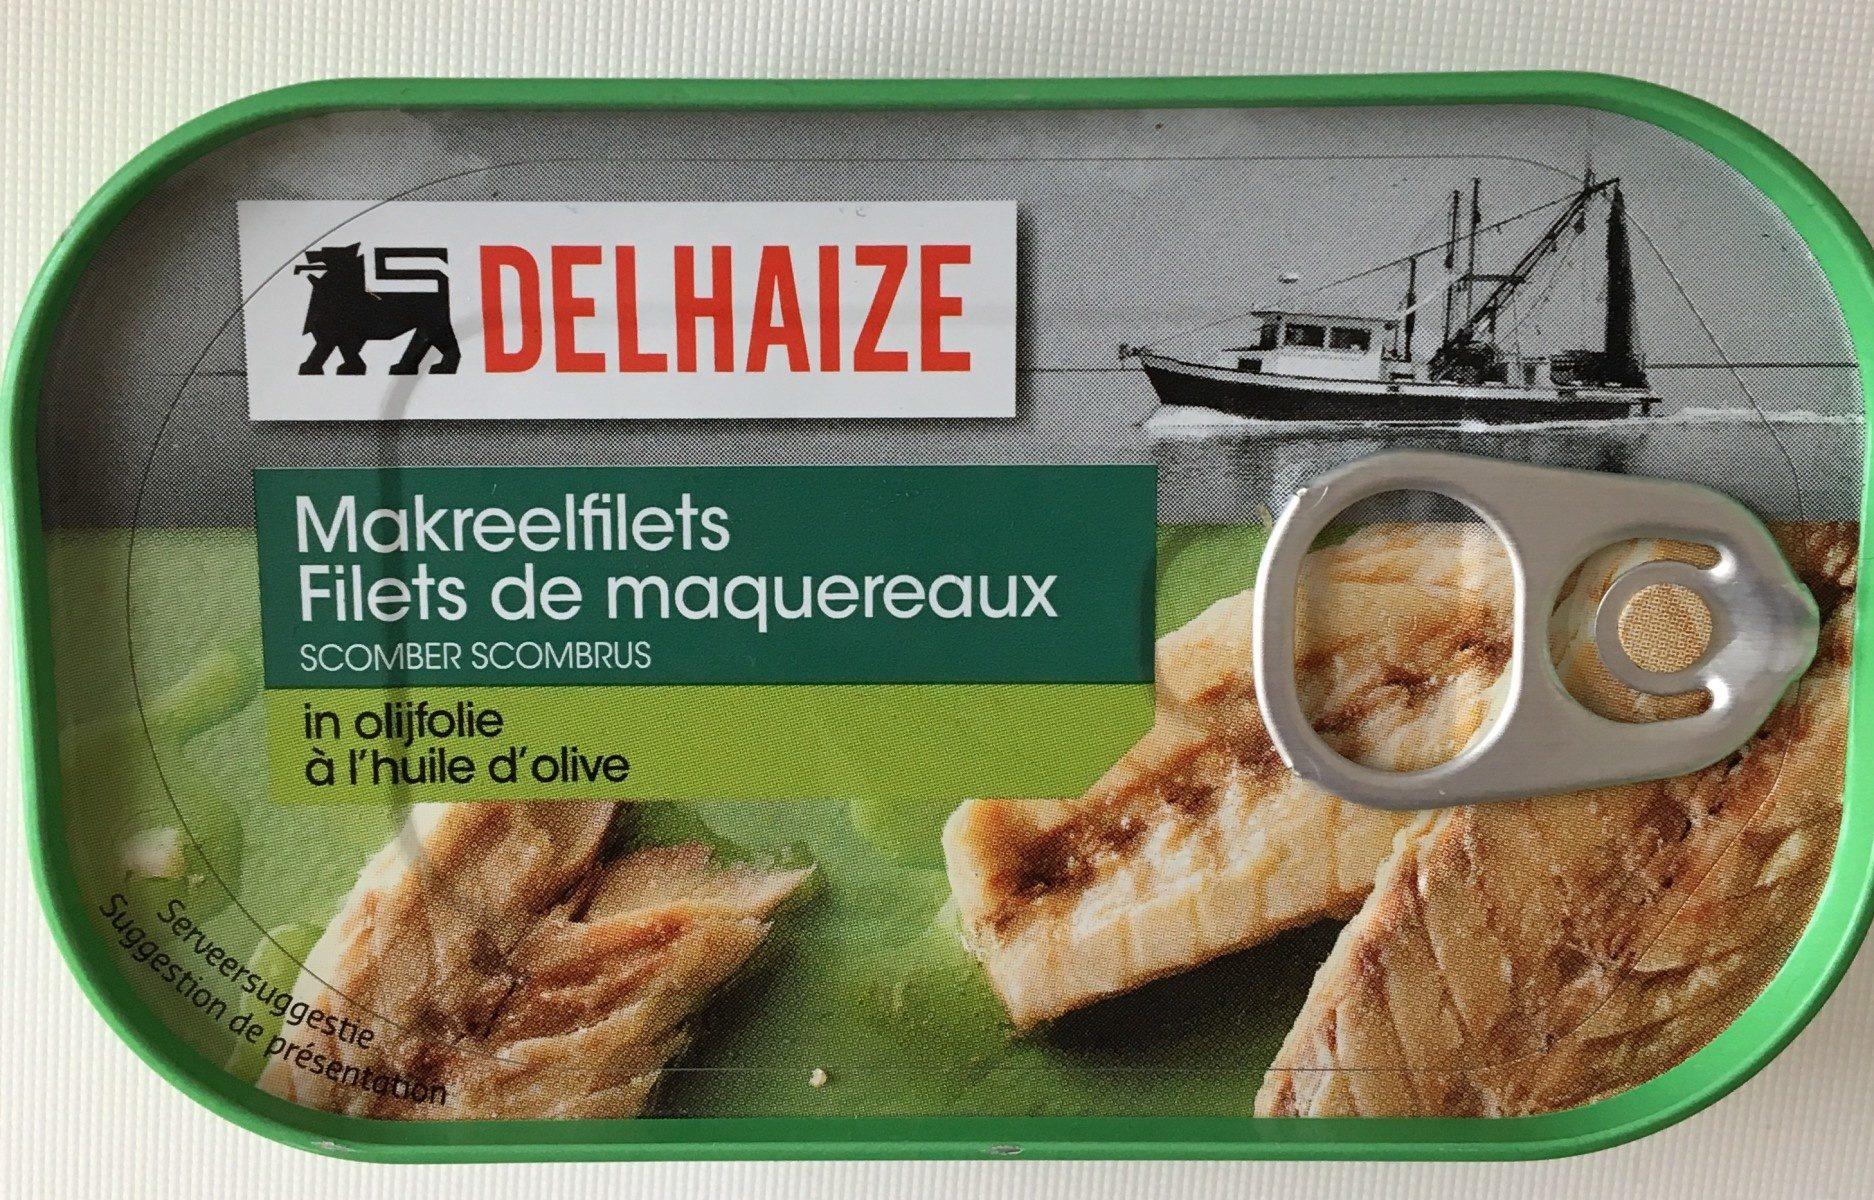 Filets de maquereaux à l'huile d'olive - Product - fr